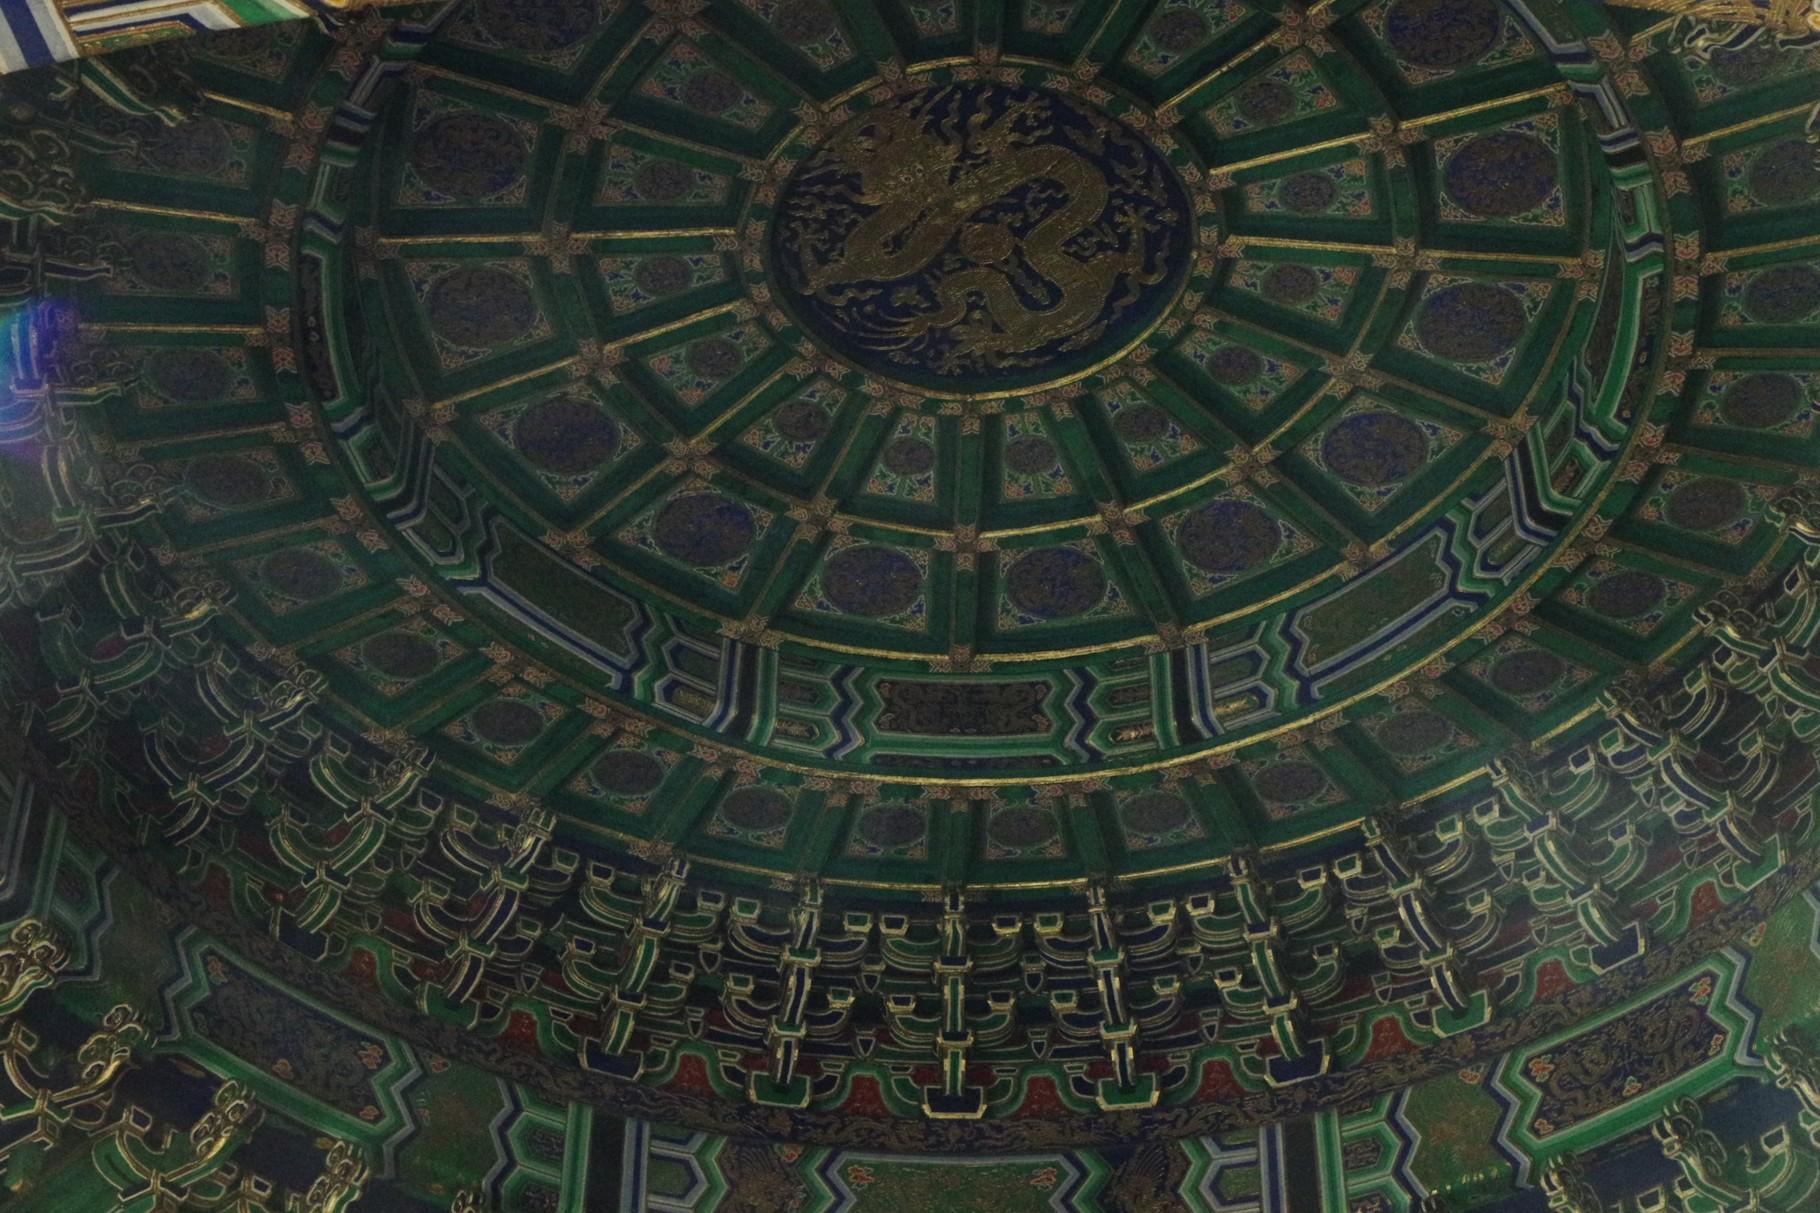 皇穹宇の内部